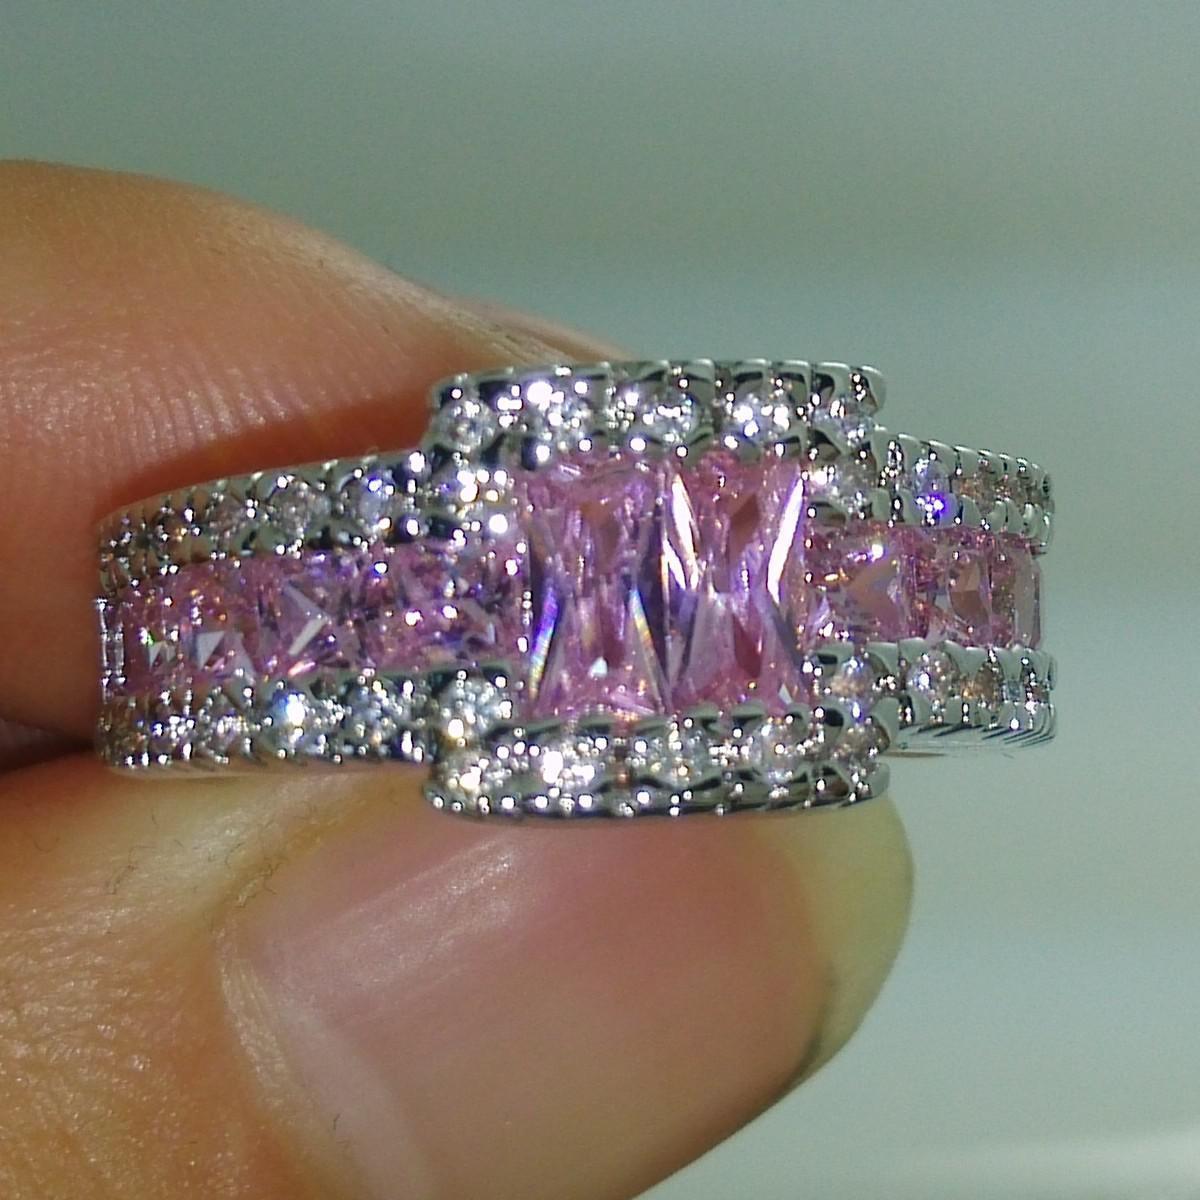 Профессиональные оптовые Бесплатная доставка ювелирных изделий 10kt белого золота заполнены розовый сапфир Gem MEN обручальное кольцо подарок